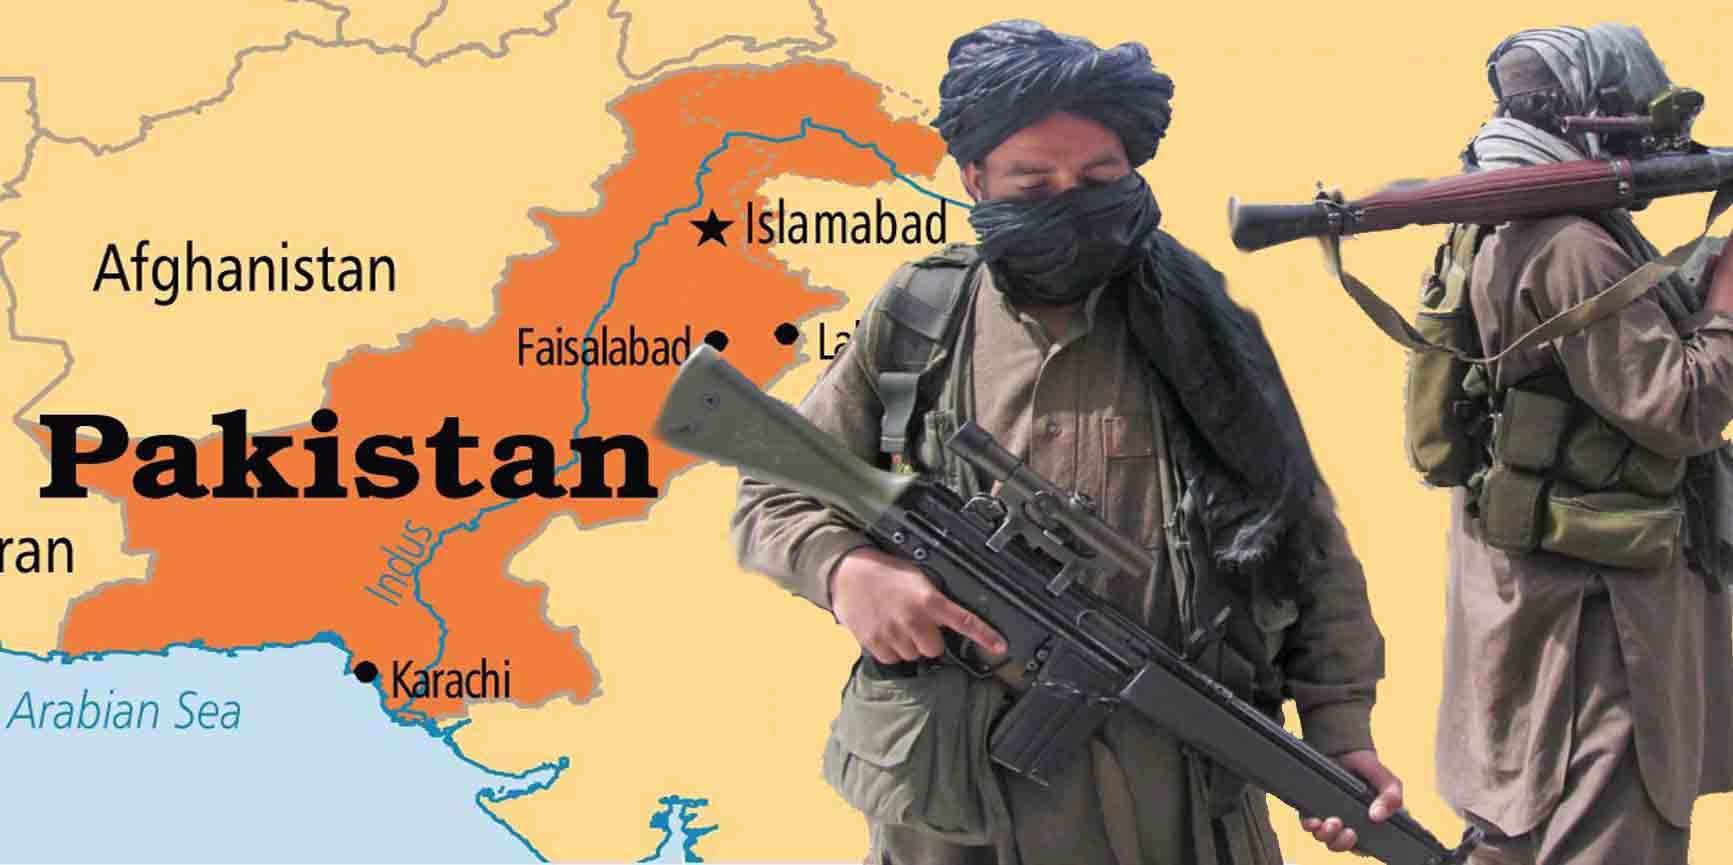 د پاکستان له خوا افغانستان ته له ۱۰ څخه تر ، ۱۵ زرو پورې طالب جنګیالي تجهیز او لیږل